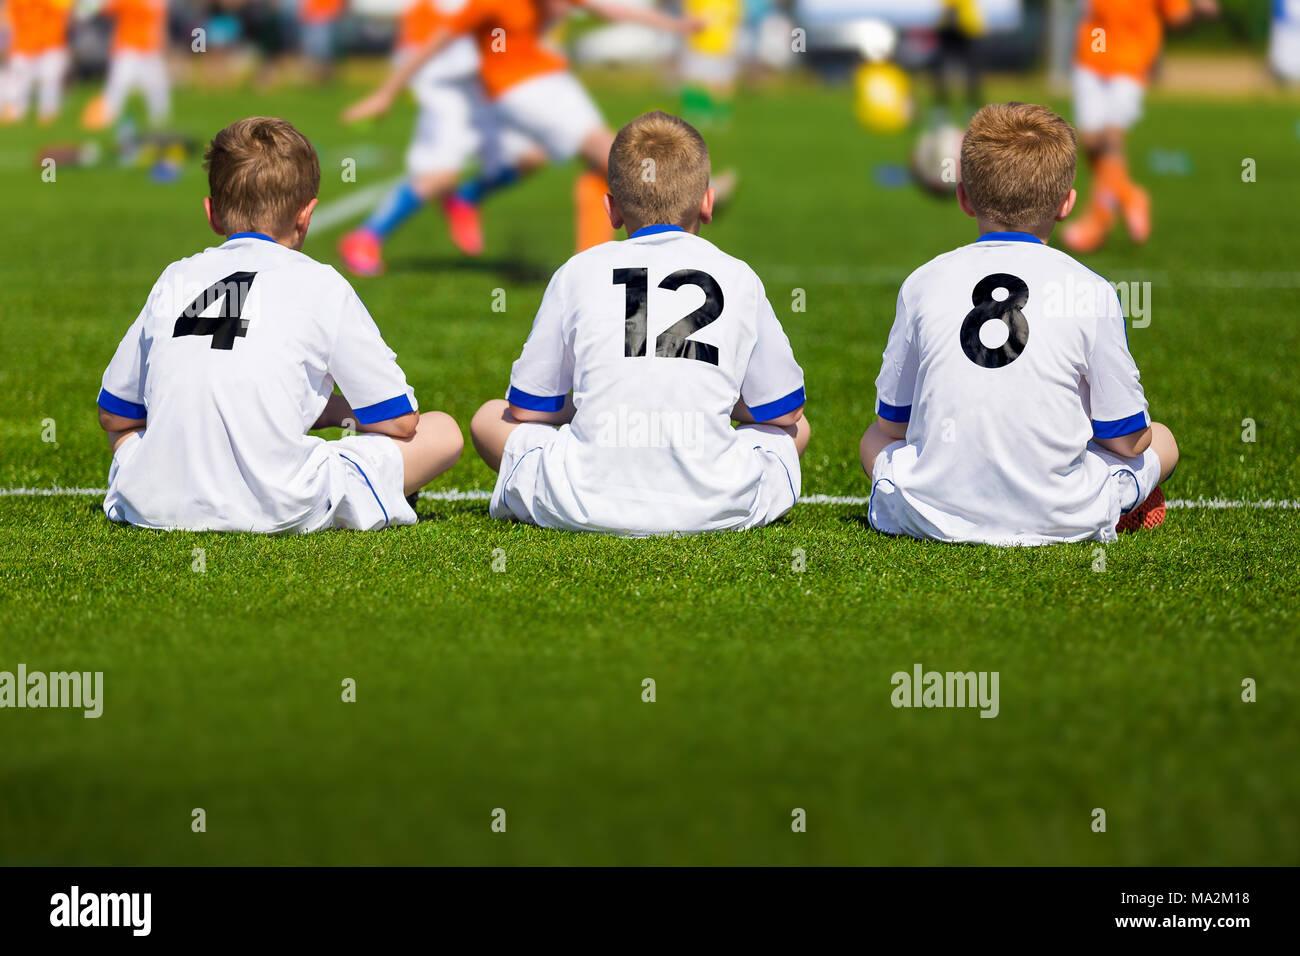 591721787ba0f Entrenamiento de fútbol juvenil. Los muchachos sentados en campo de fútbol  y Ver juego de torneo. Partido de fútbol para niños